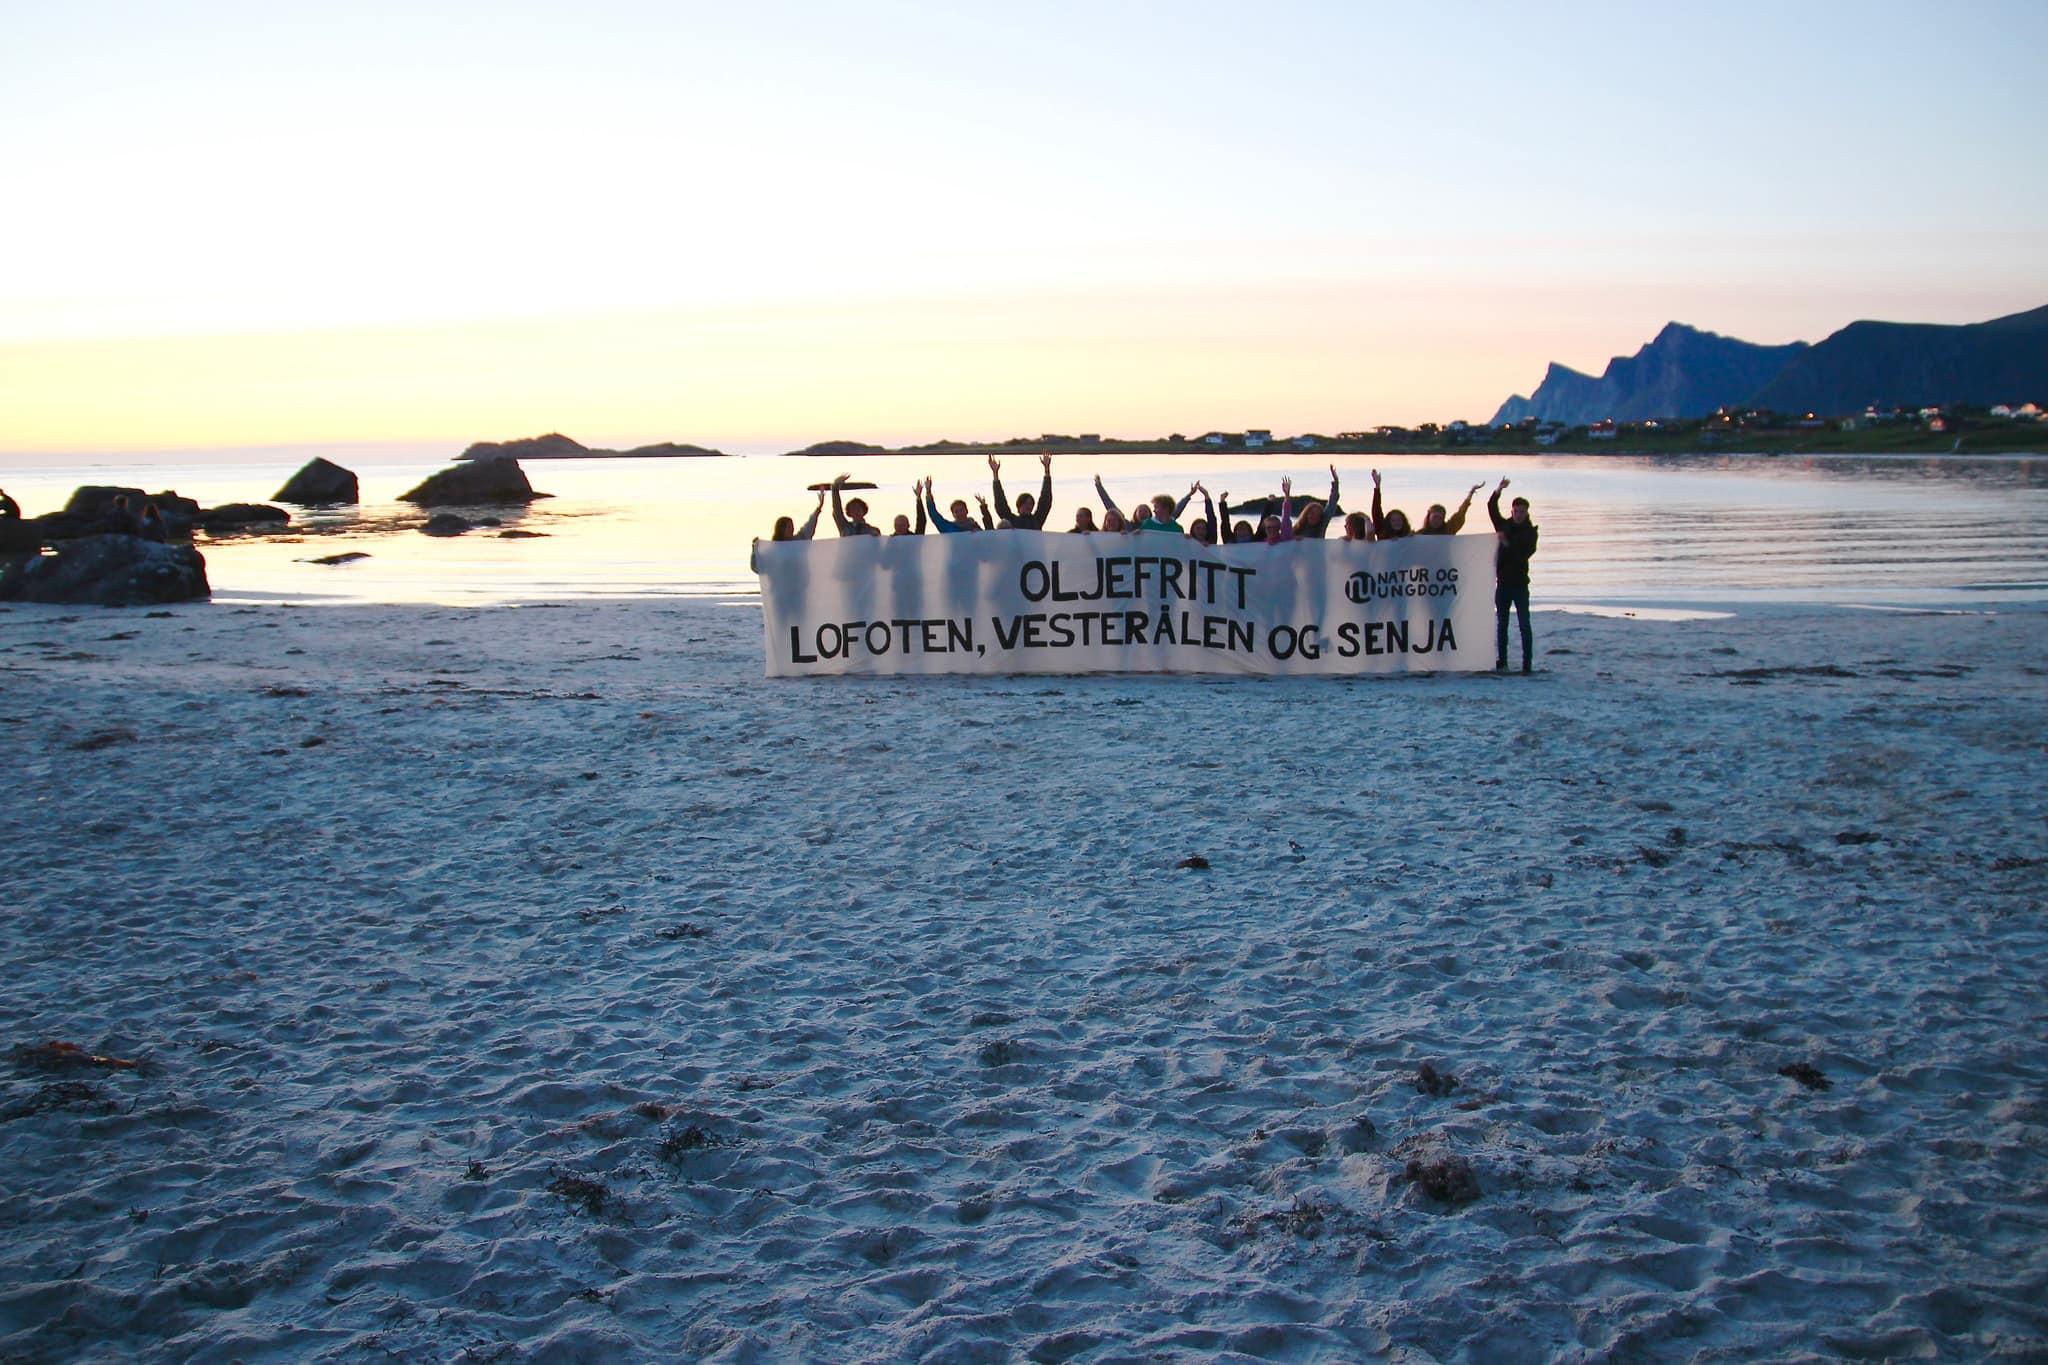 Activistas contra el proyecto de abrir las islas Lofoten a la industria petrolera. Foto: MARIA OLERUD